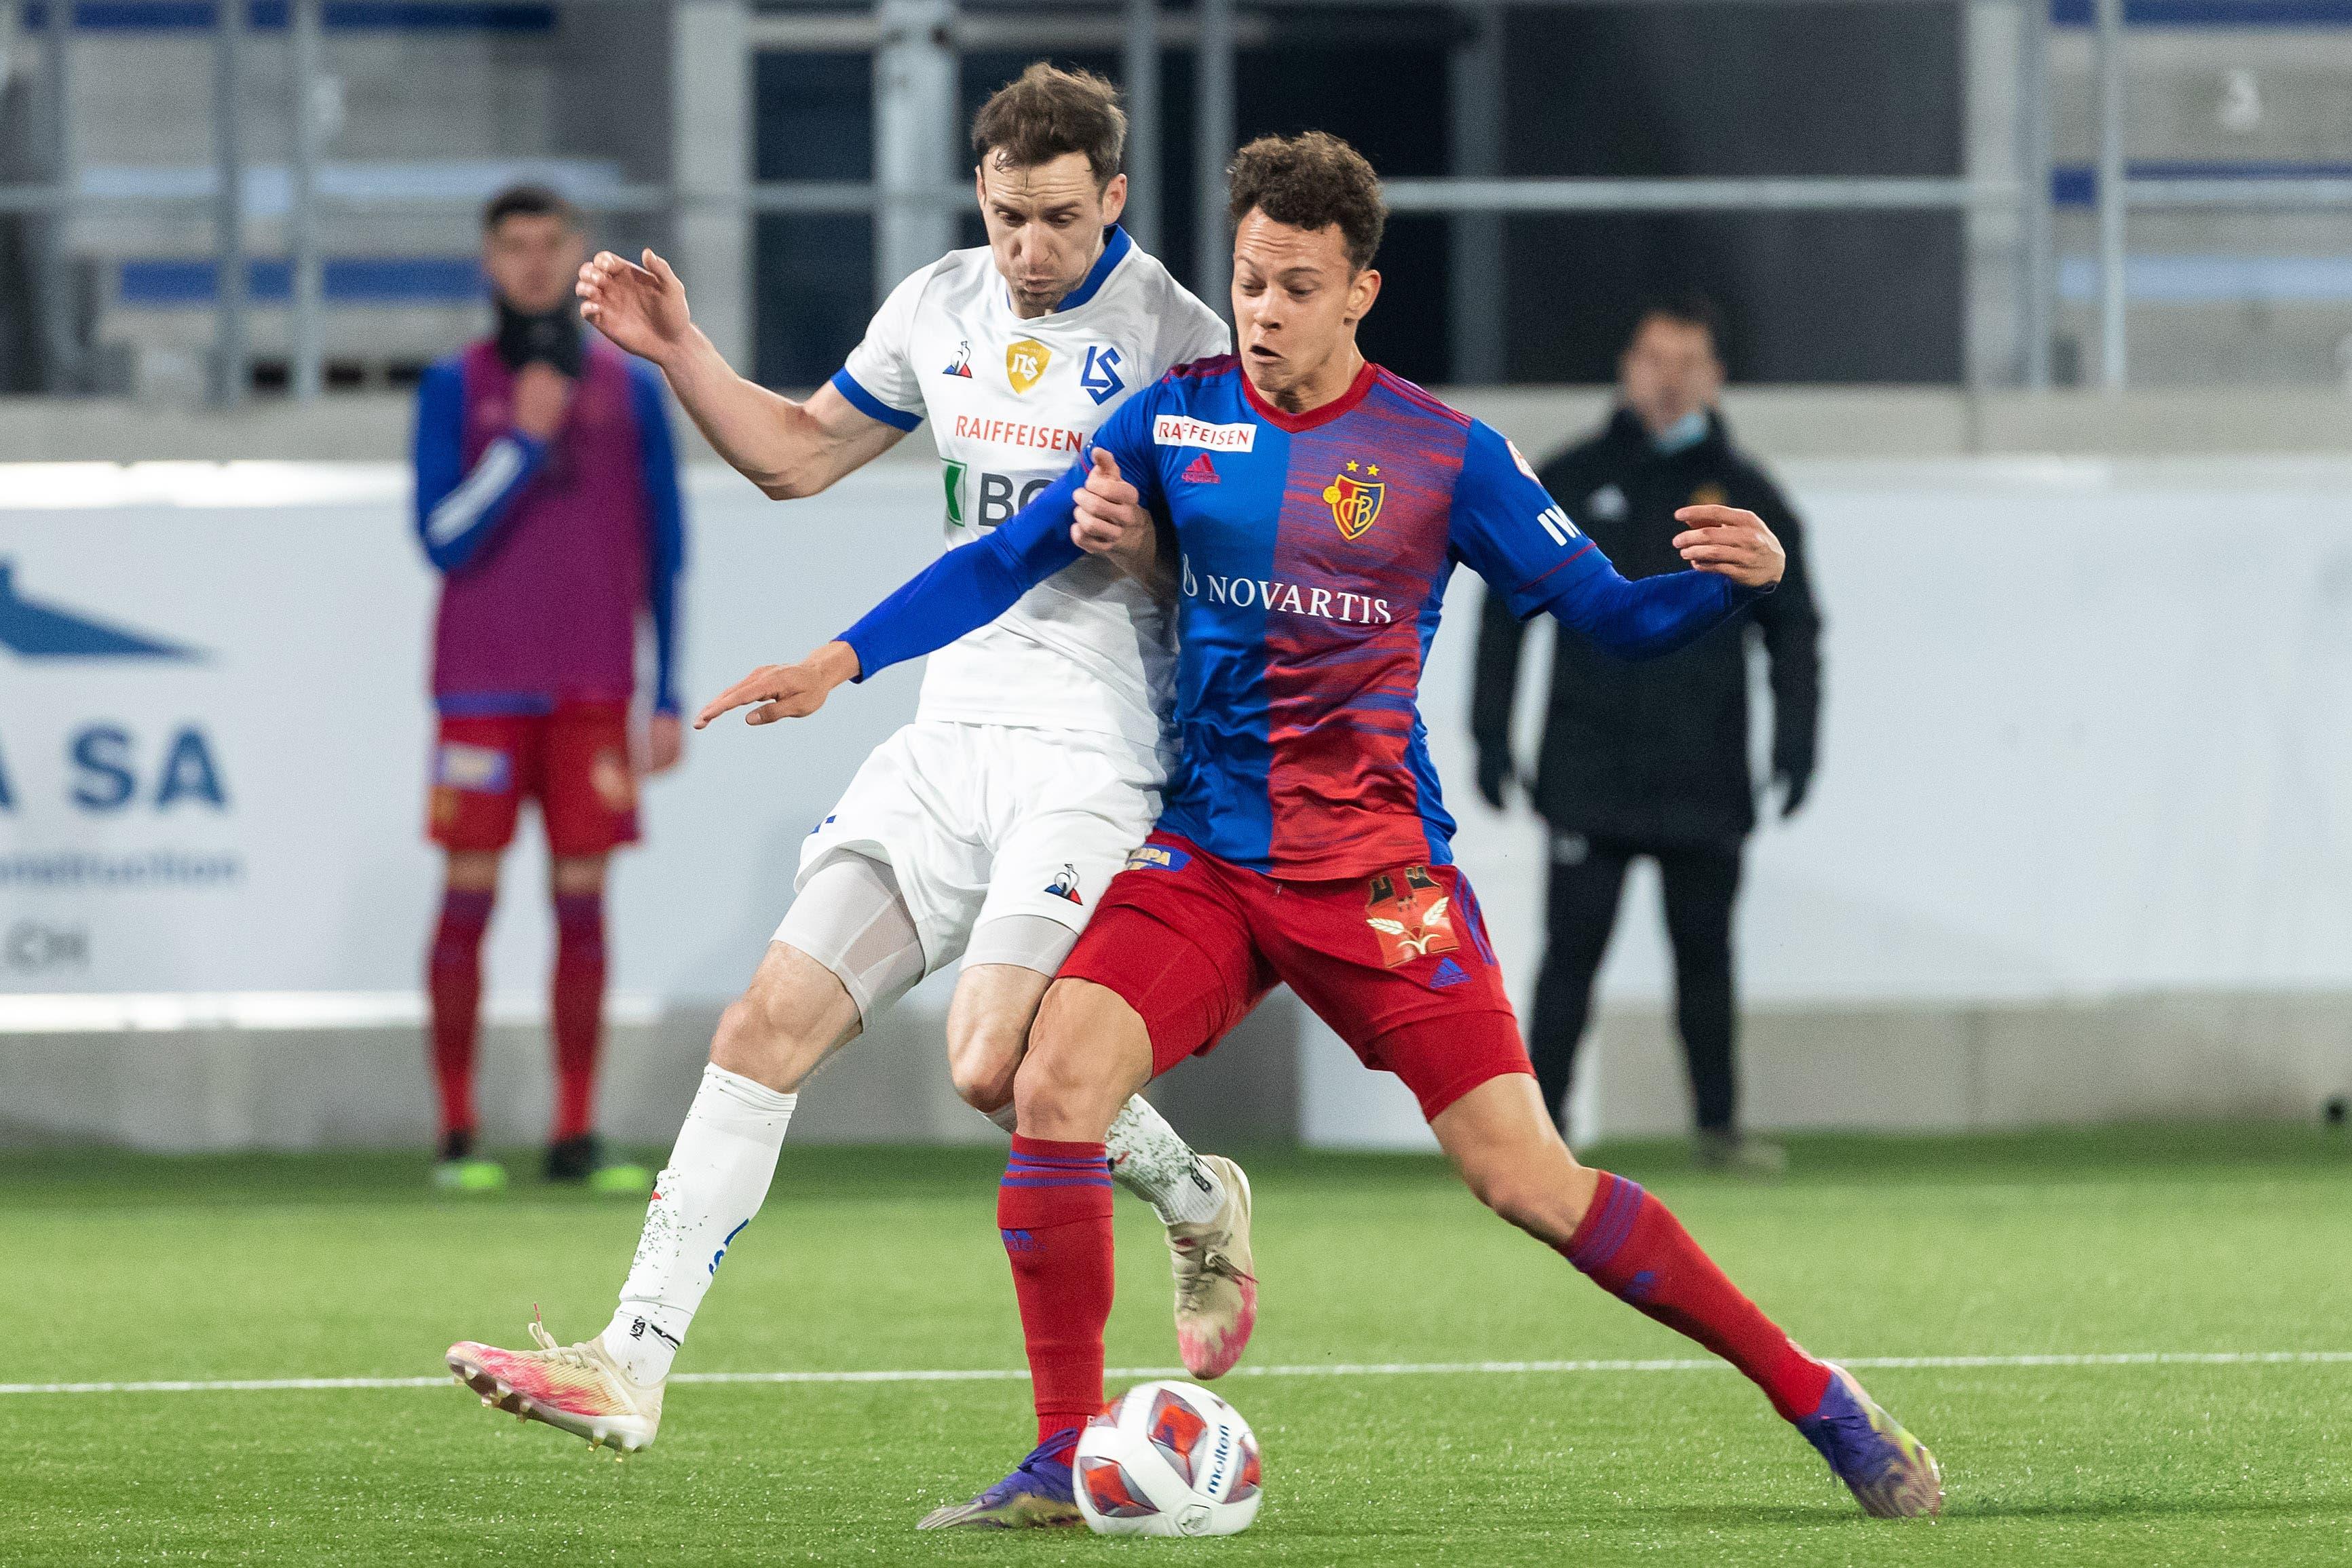 Der FC Basel um Julian von Moos setzt sich in Lausanne mit 3:1 durch.